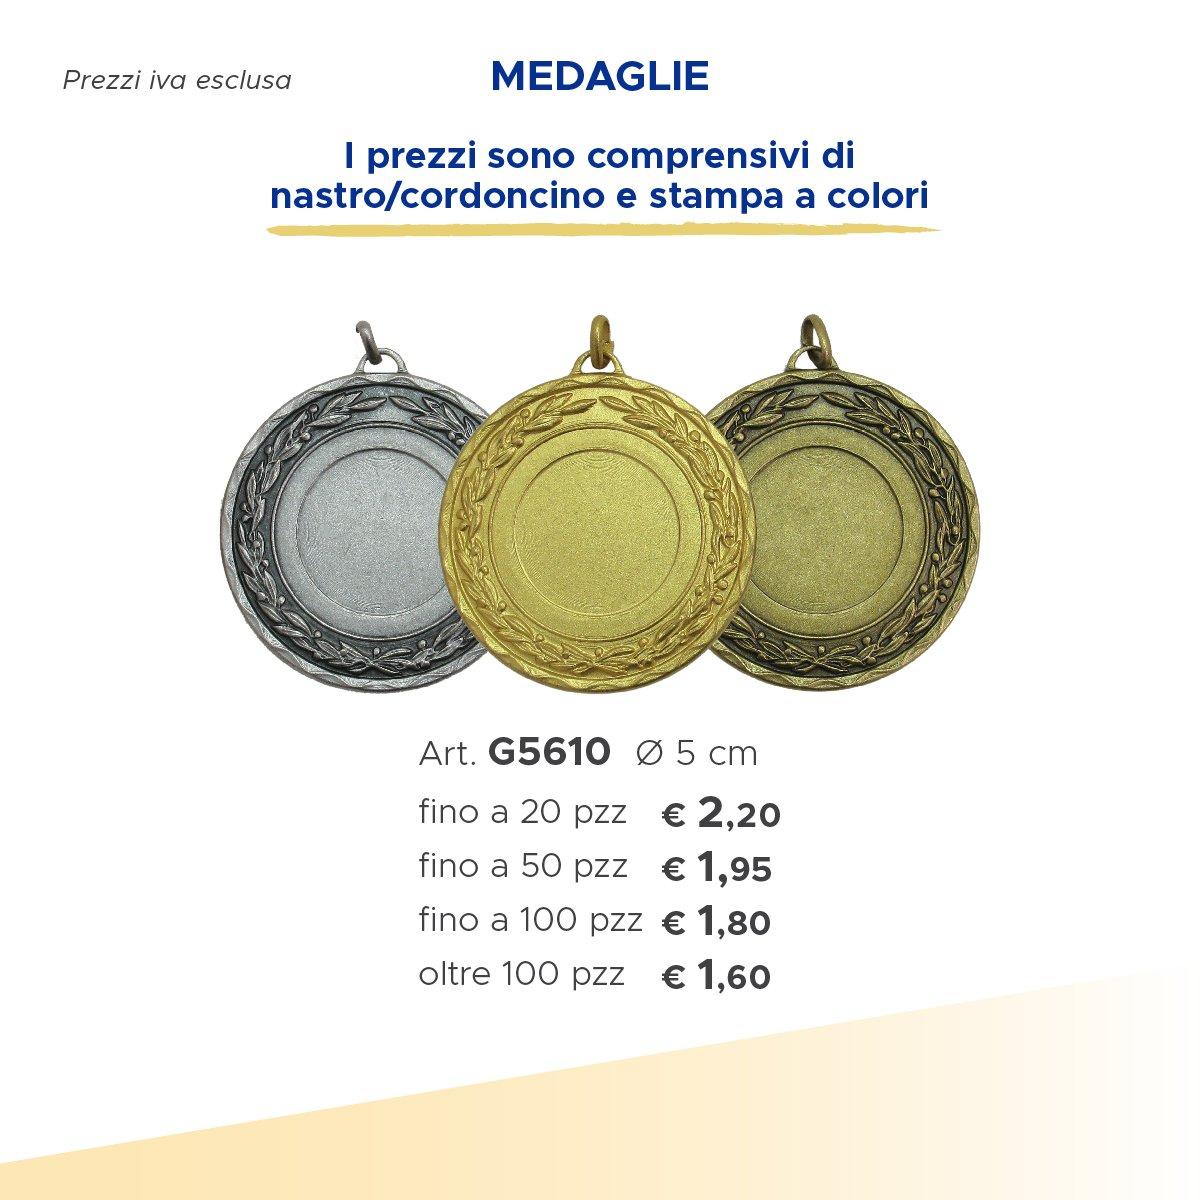 medaglie in argento e oro